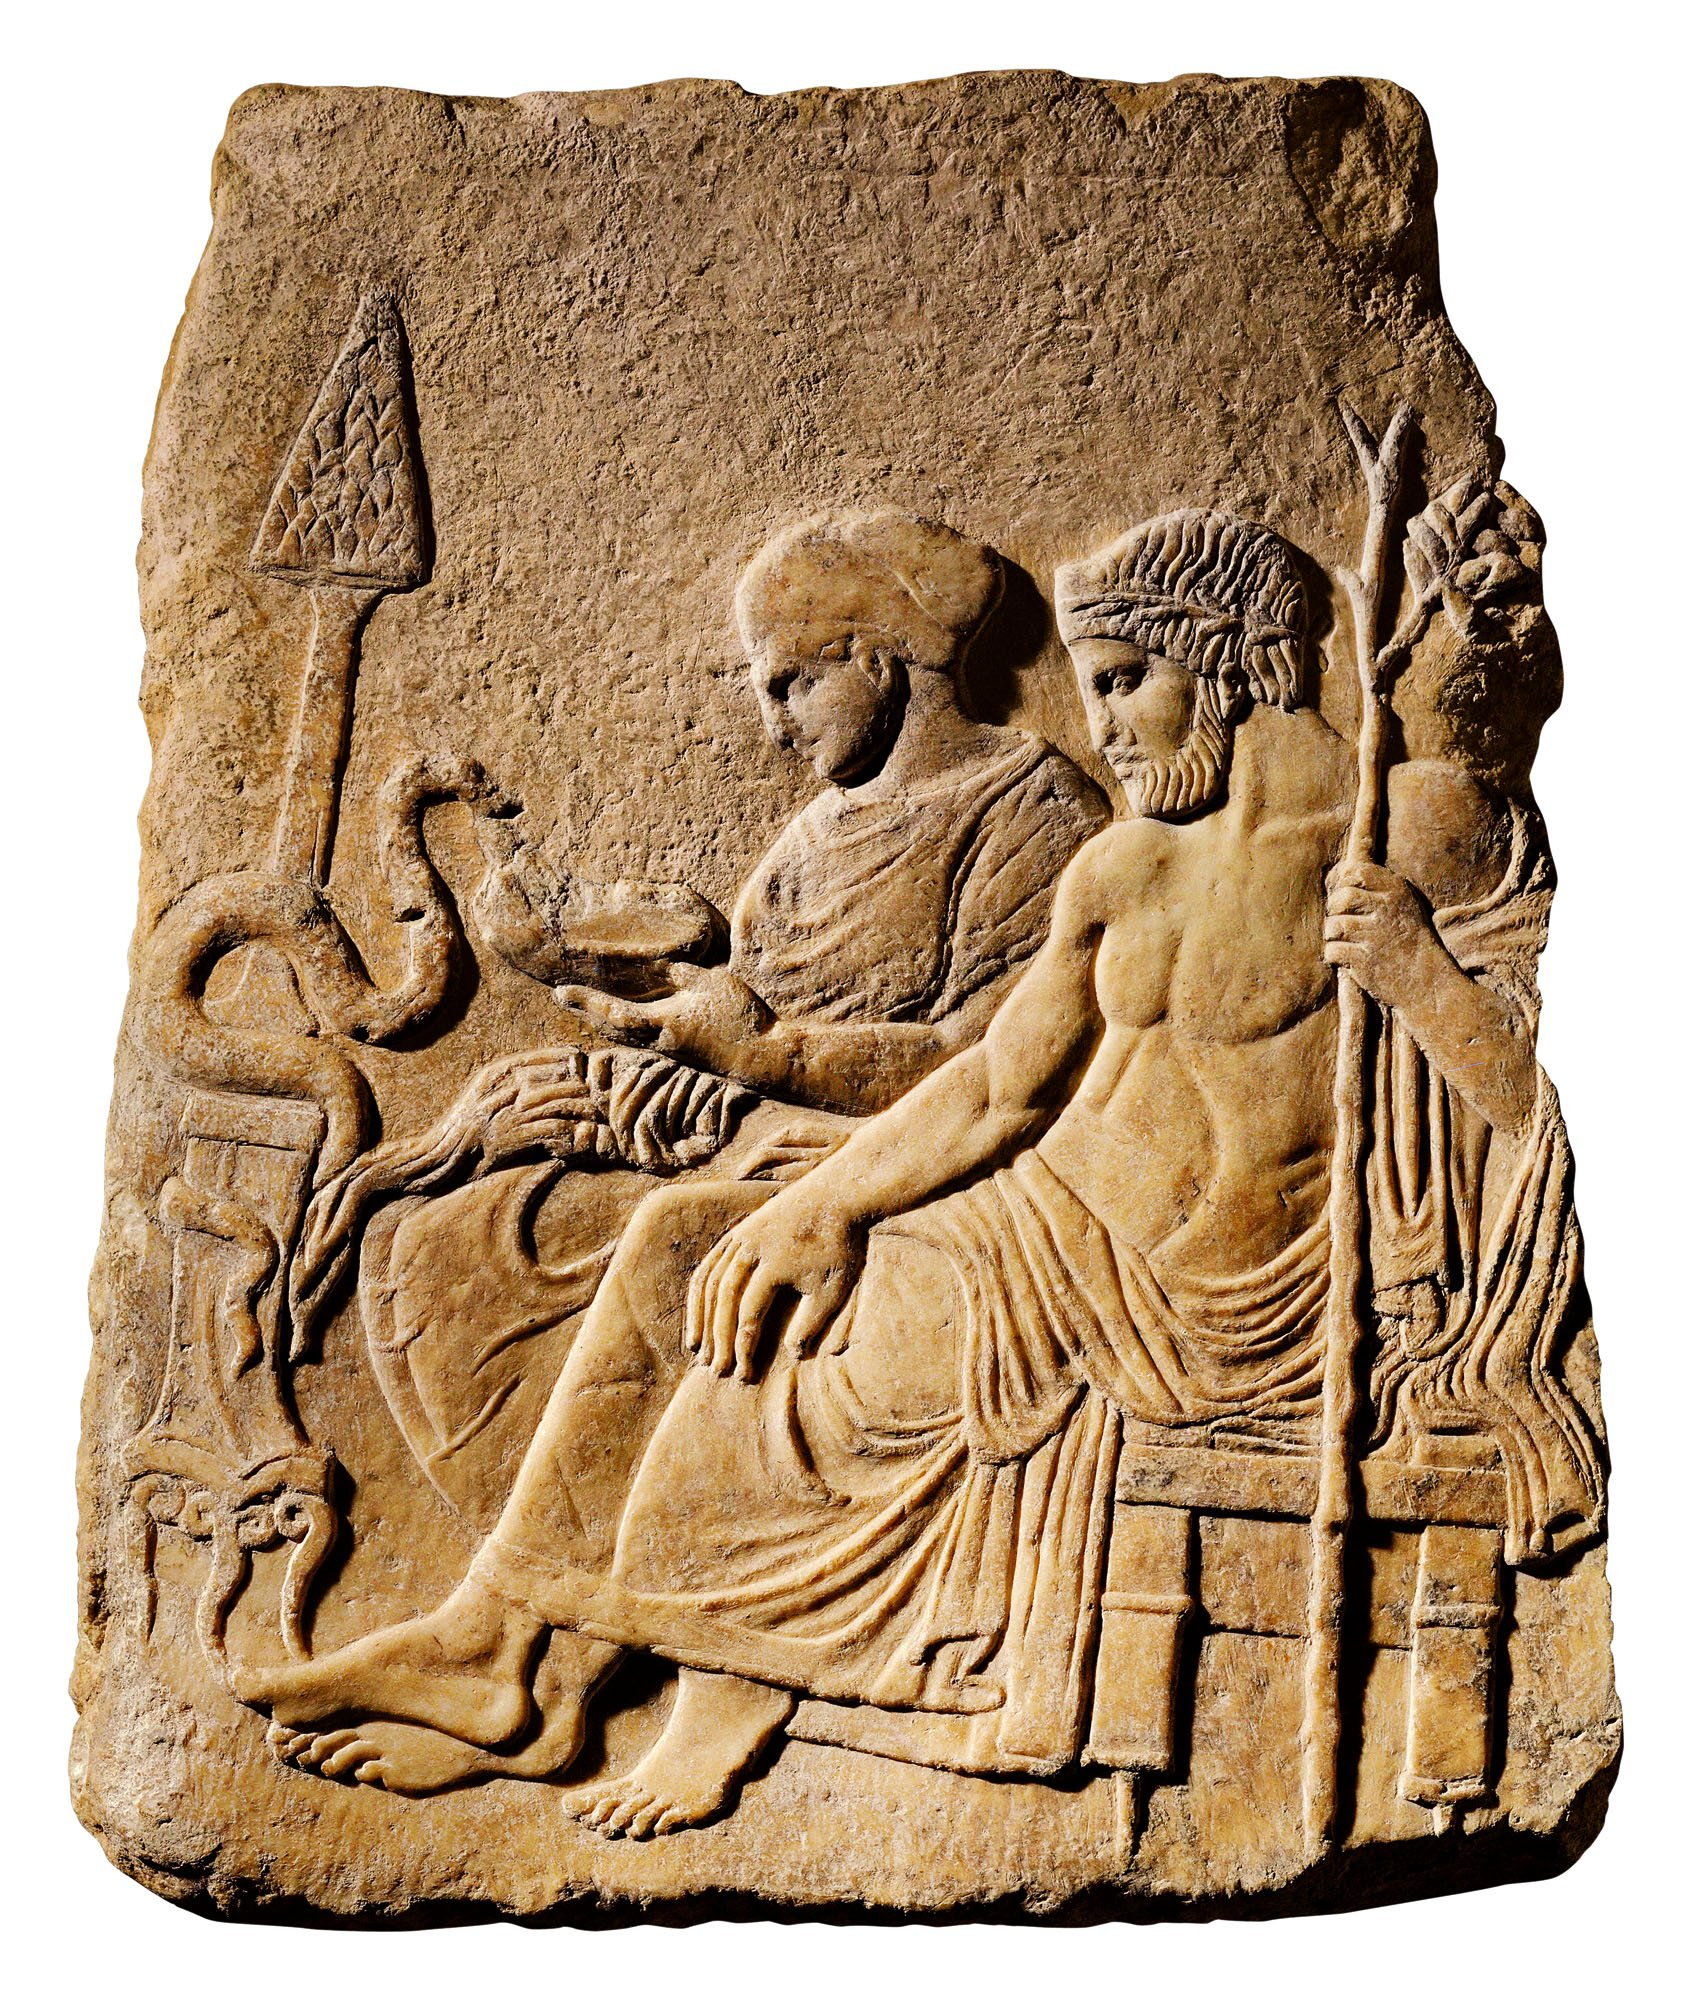 La medicina en la grecia antigua el nacimiento de una ciencia for Cultura de la antigua grecia